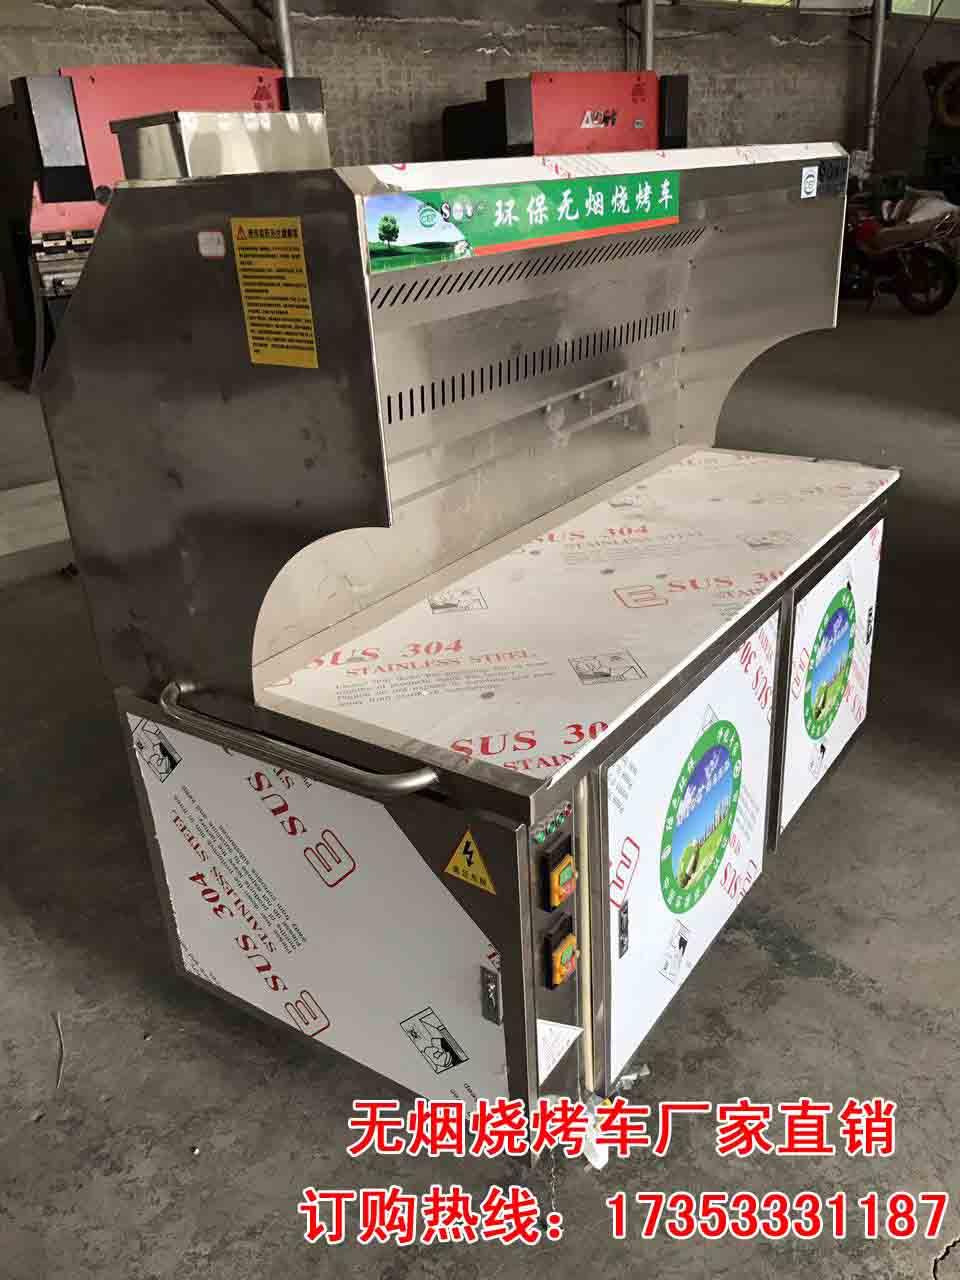 山东无烟烧烤车厂家价格,淄博无烟烧烤车厂家直销